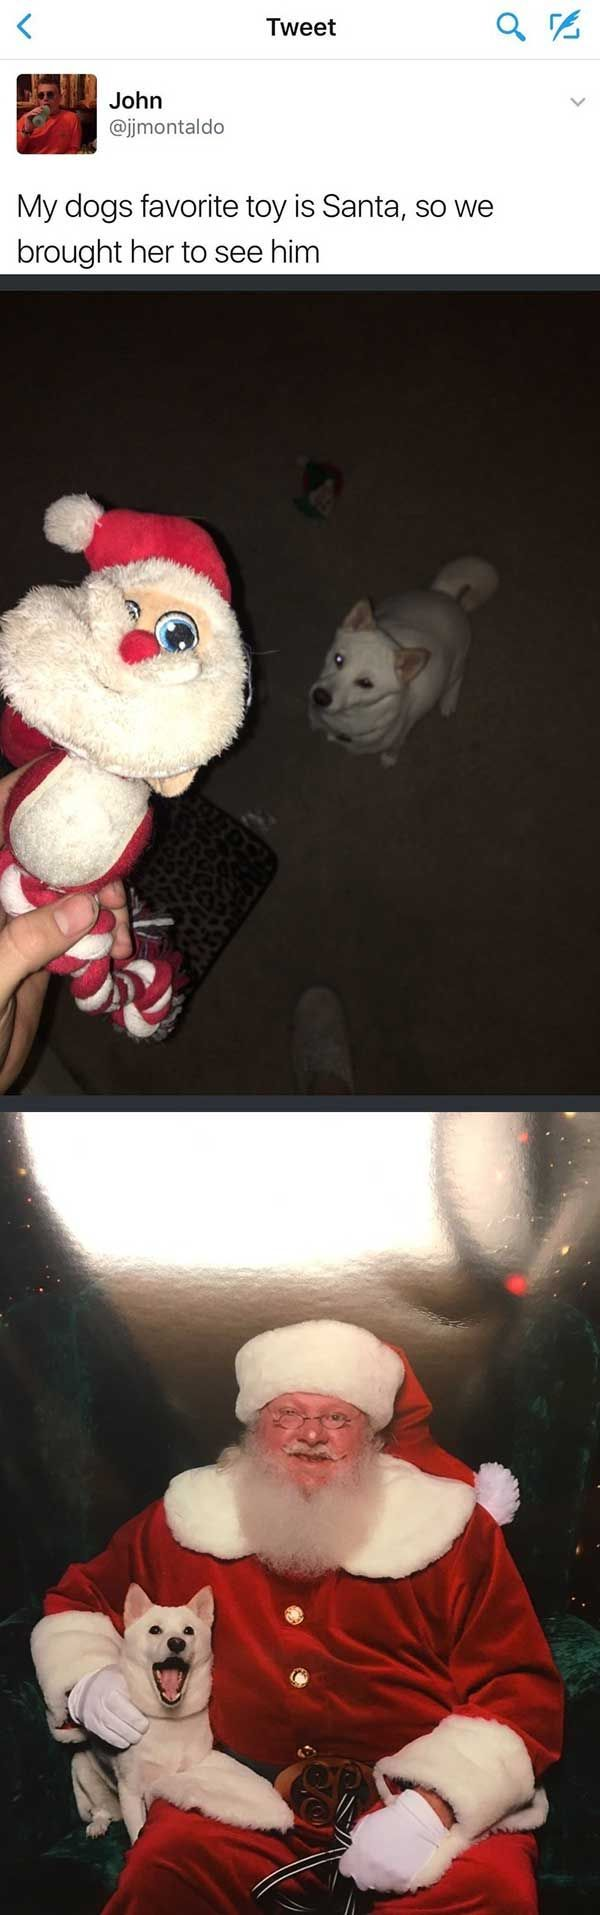 Lovin' that Santa